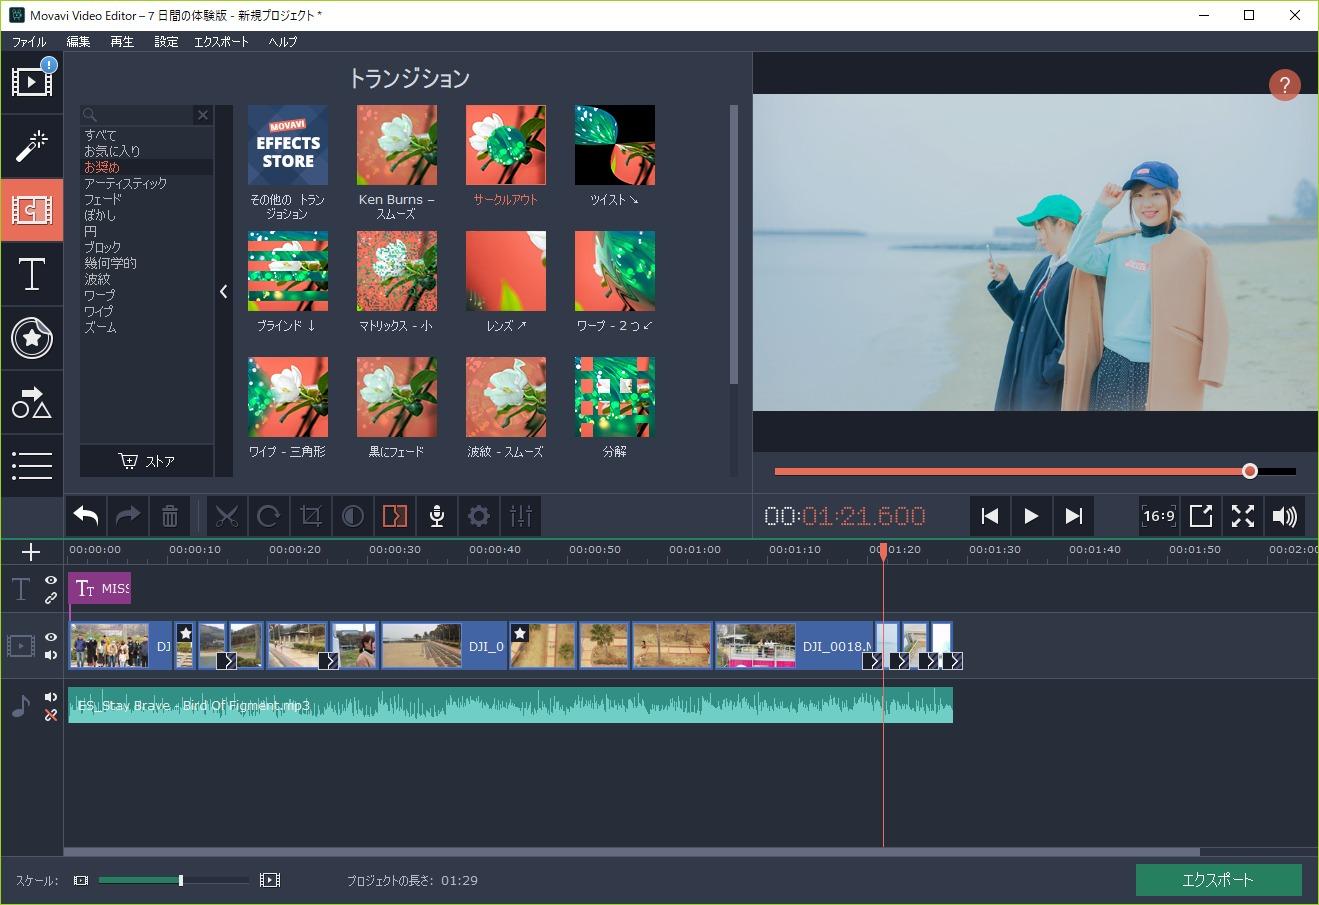 どんな人におすすめ?編集ソフト『Movavi Video Editor』を使ってみた感想